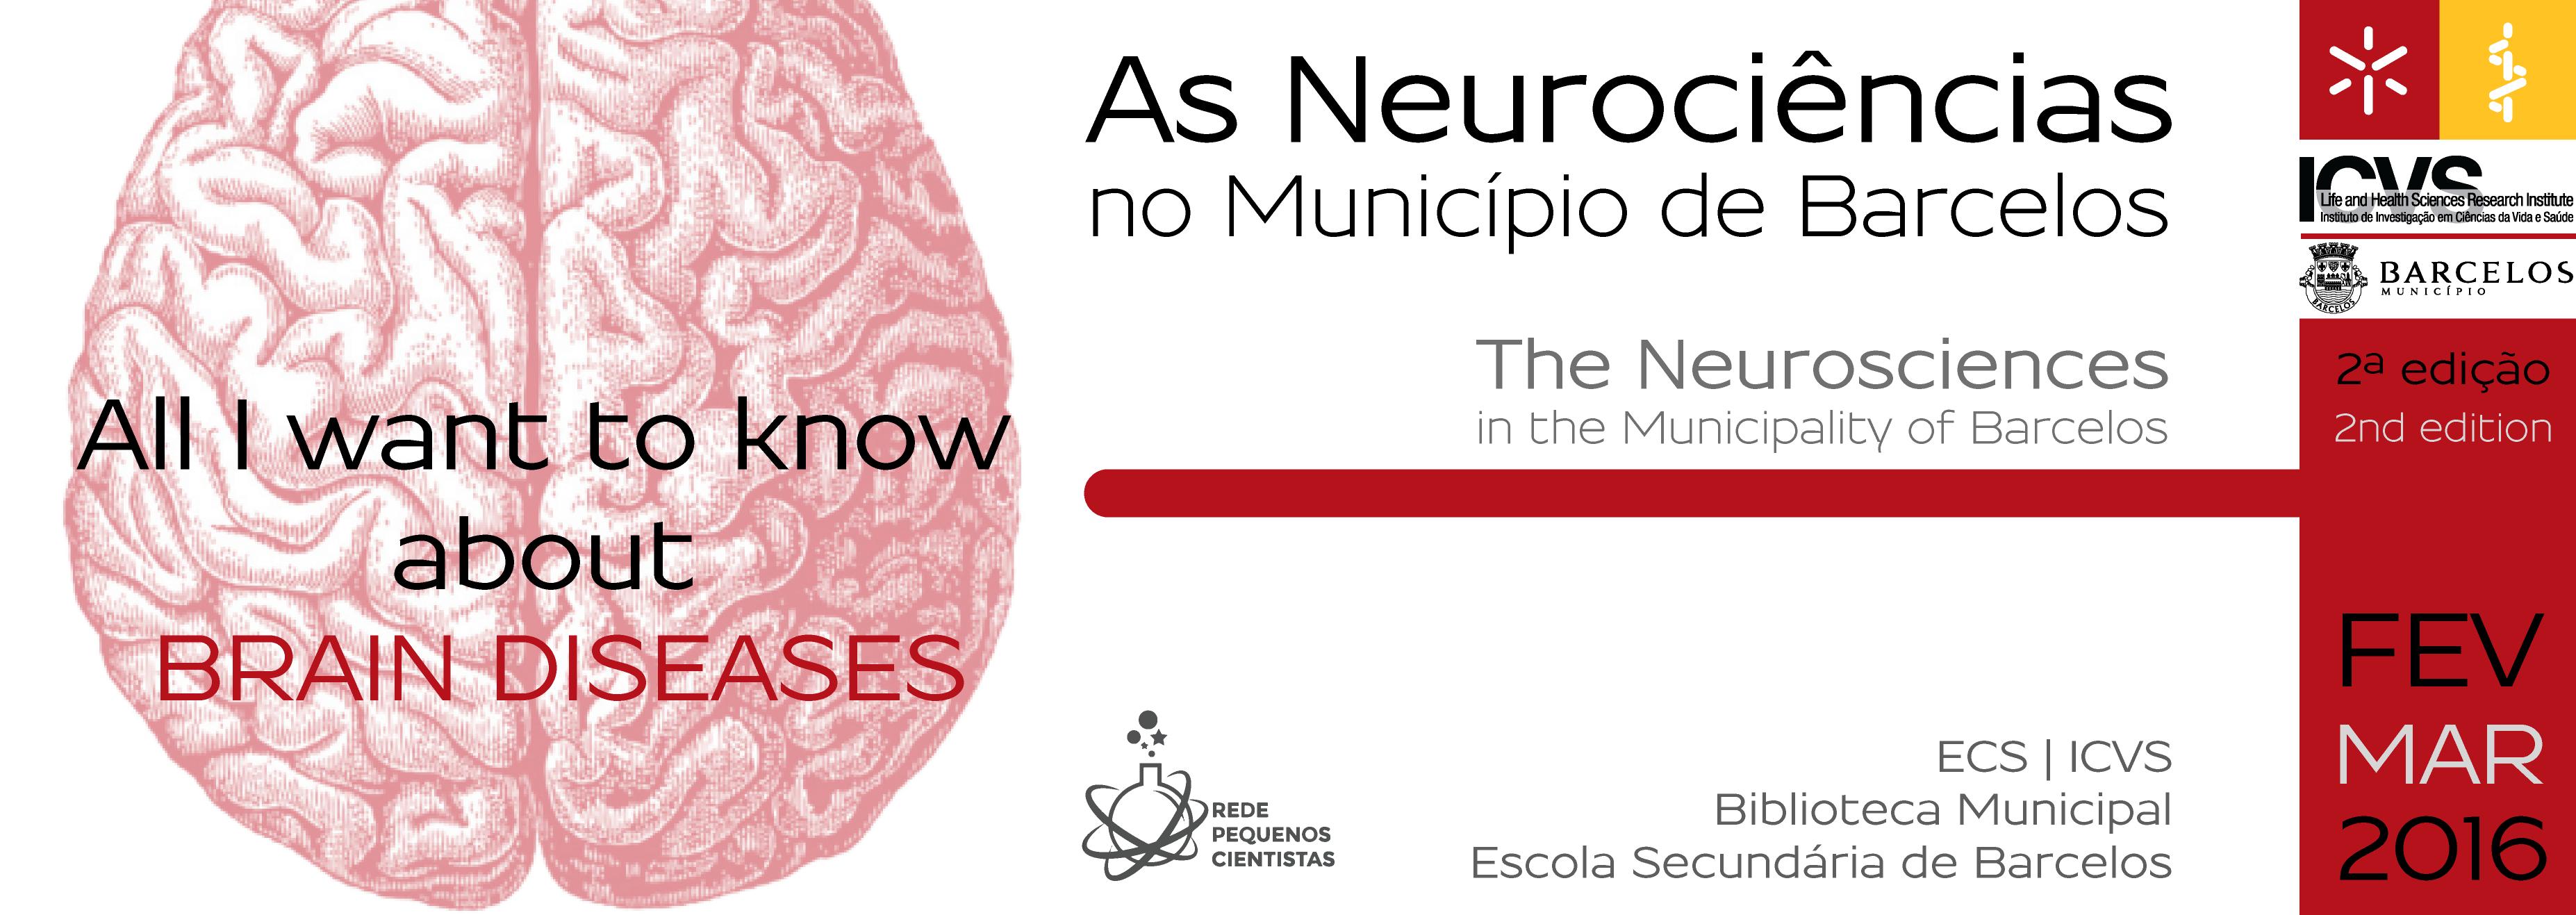 As Neurociências no Município de Barcelos